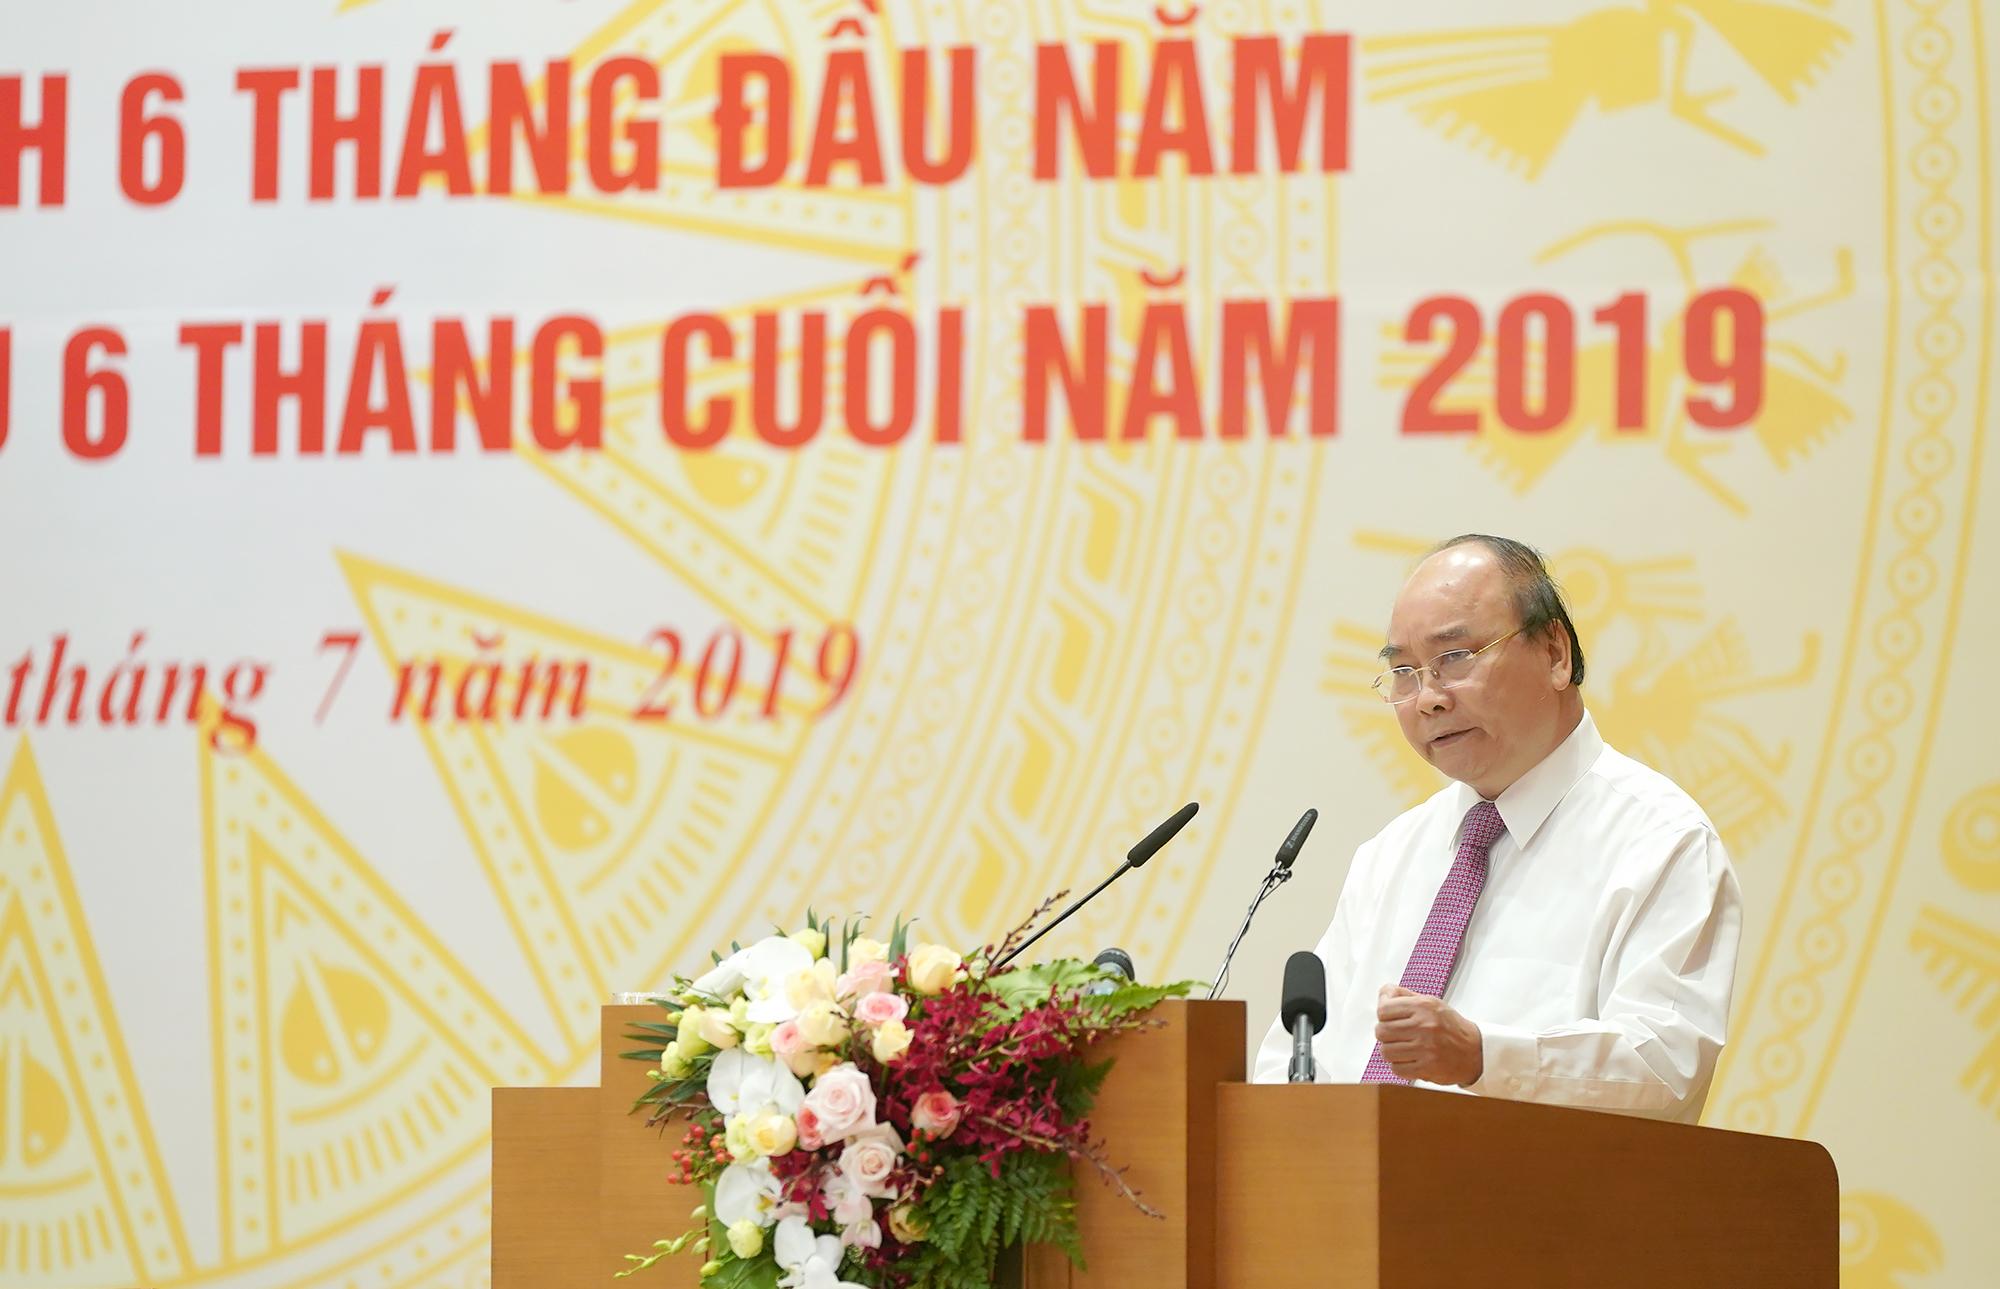 THỜI SỰ 12H TRƯA 4/7/2019: Thủ tướng chủ trì Phiên họp trực tuyến của Chính phủ với các địa phương tháng 6.